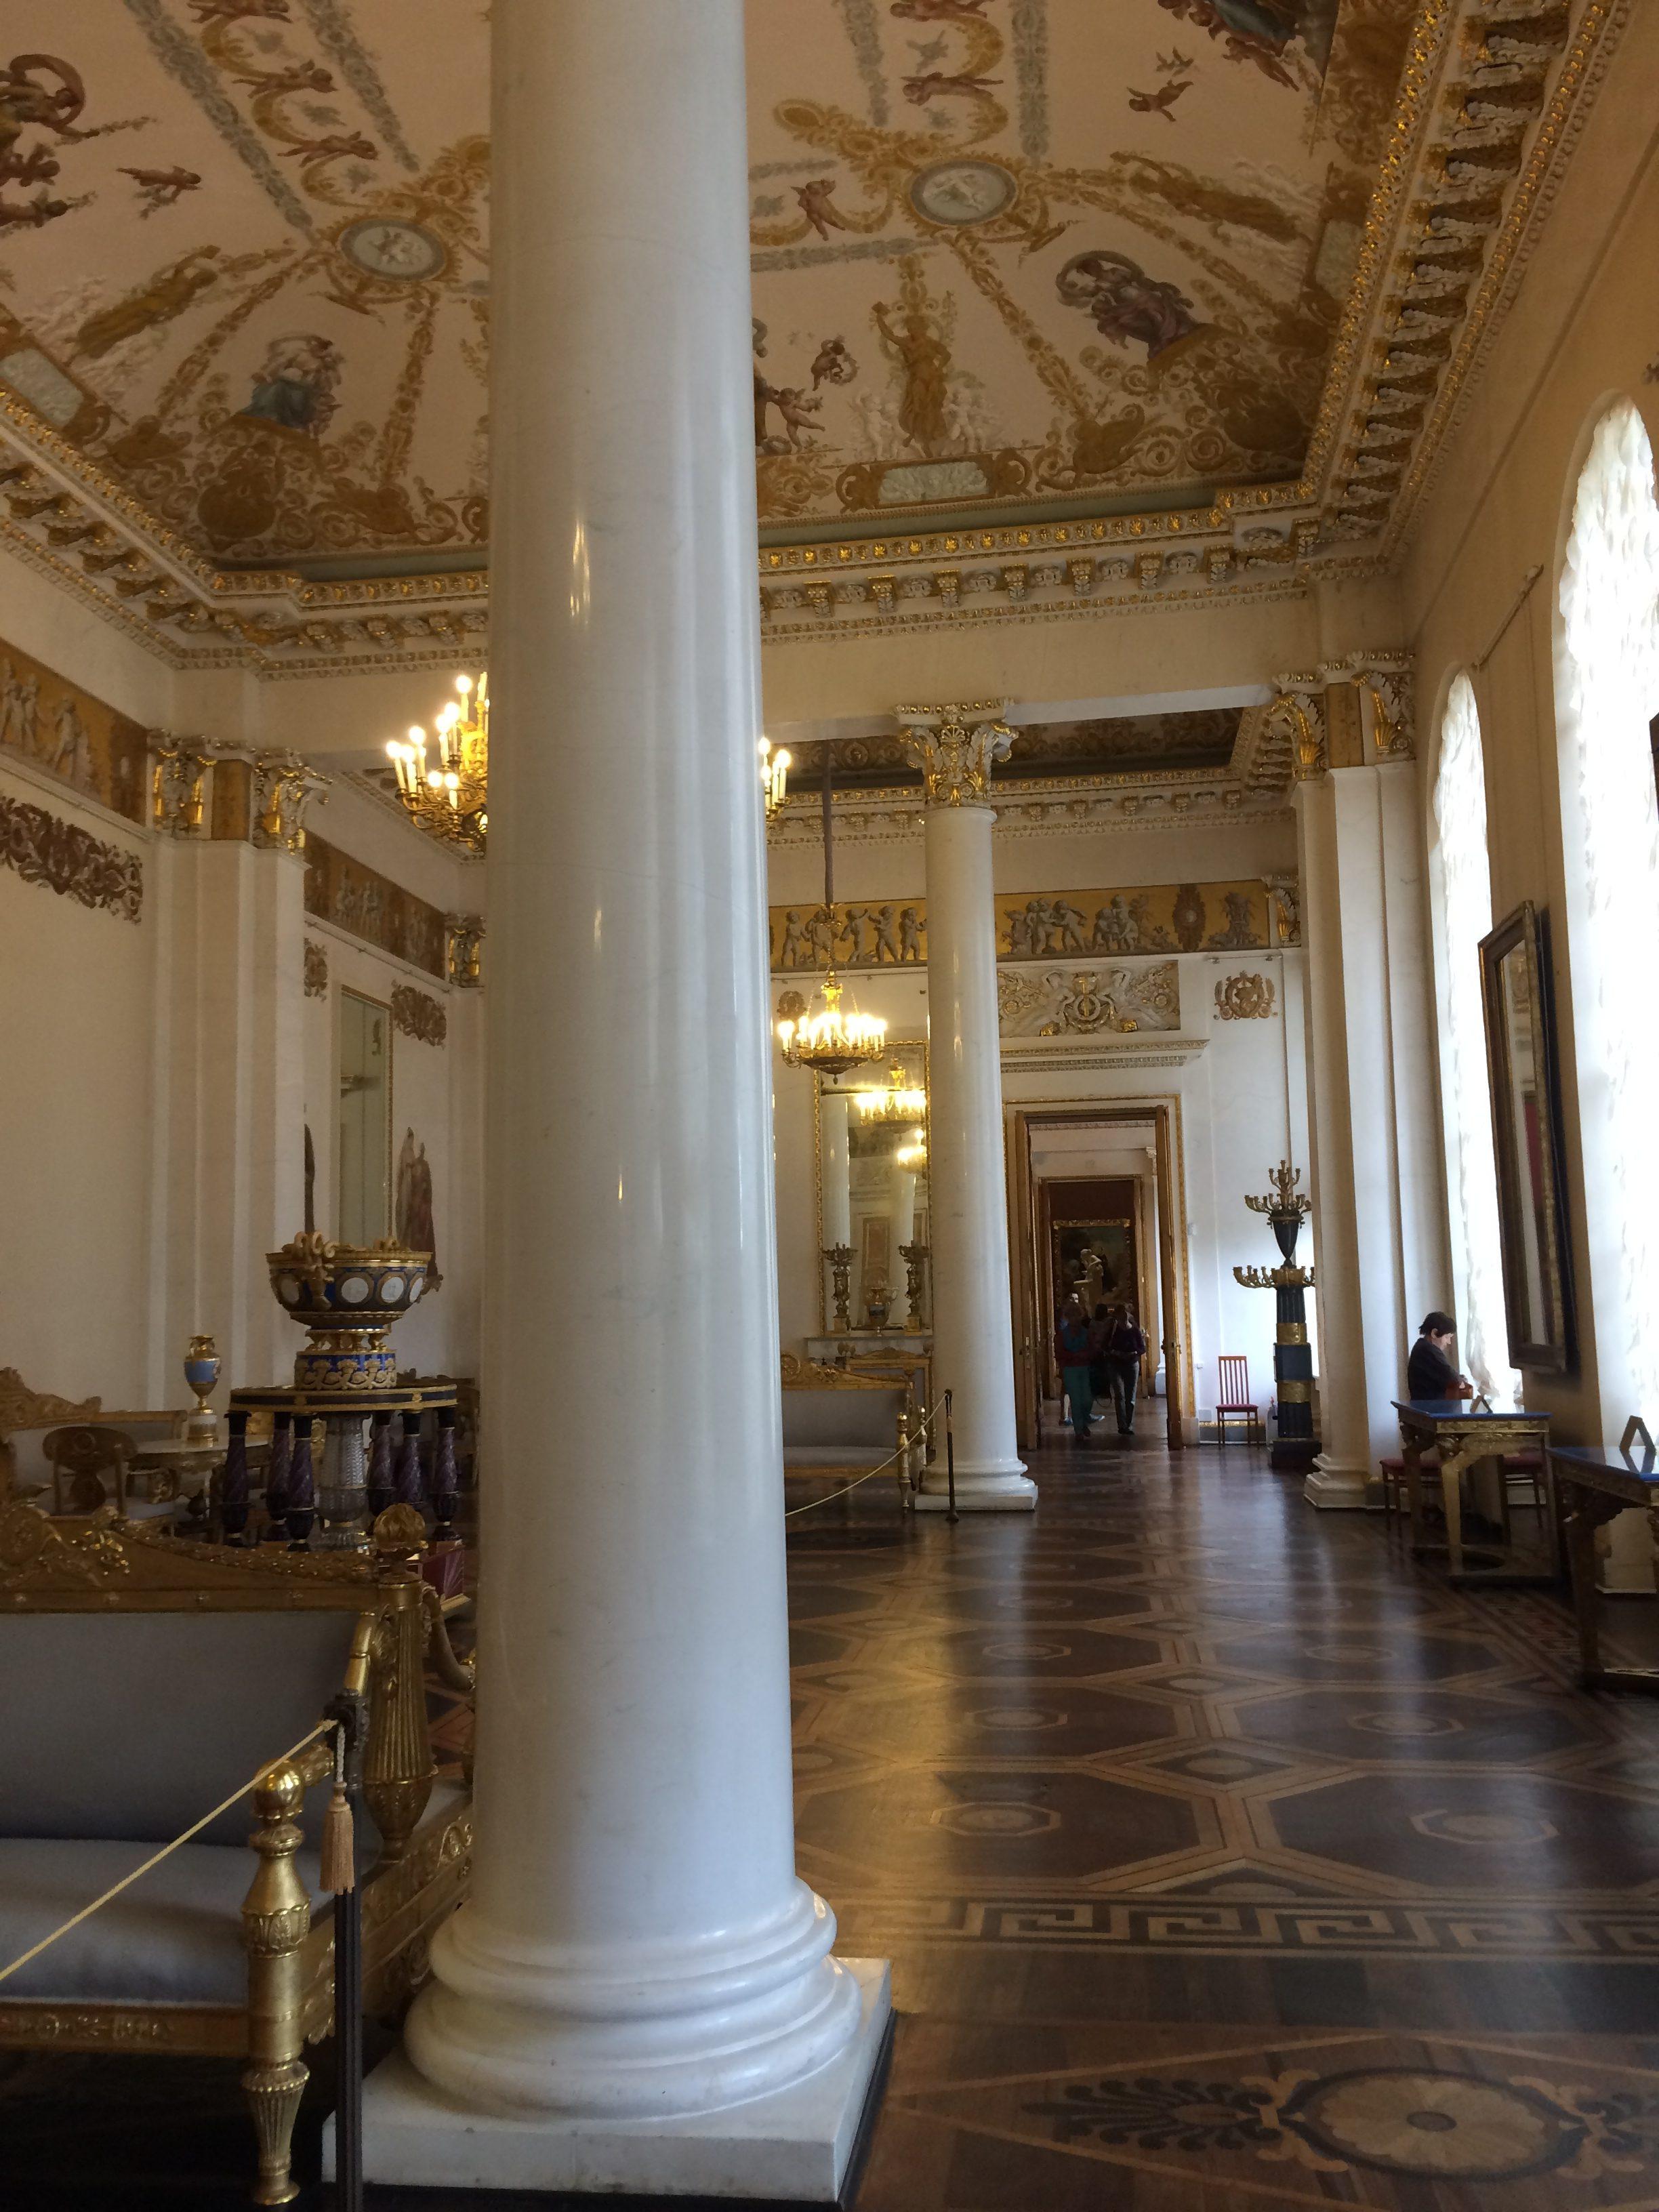 ロシア美術館の内観